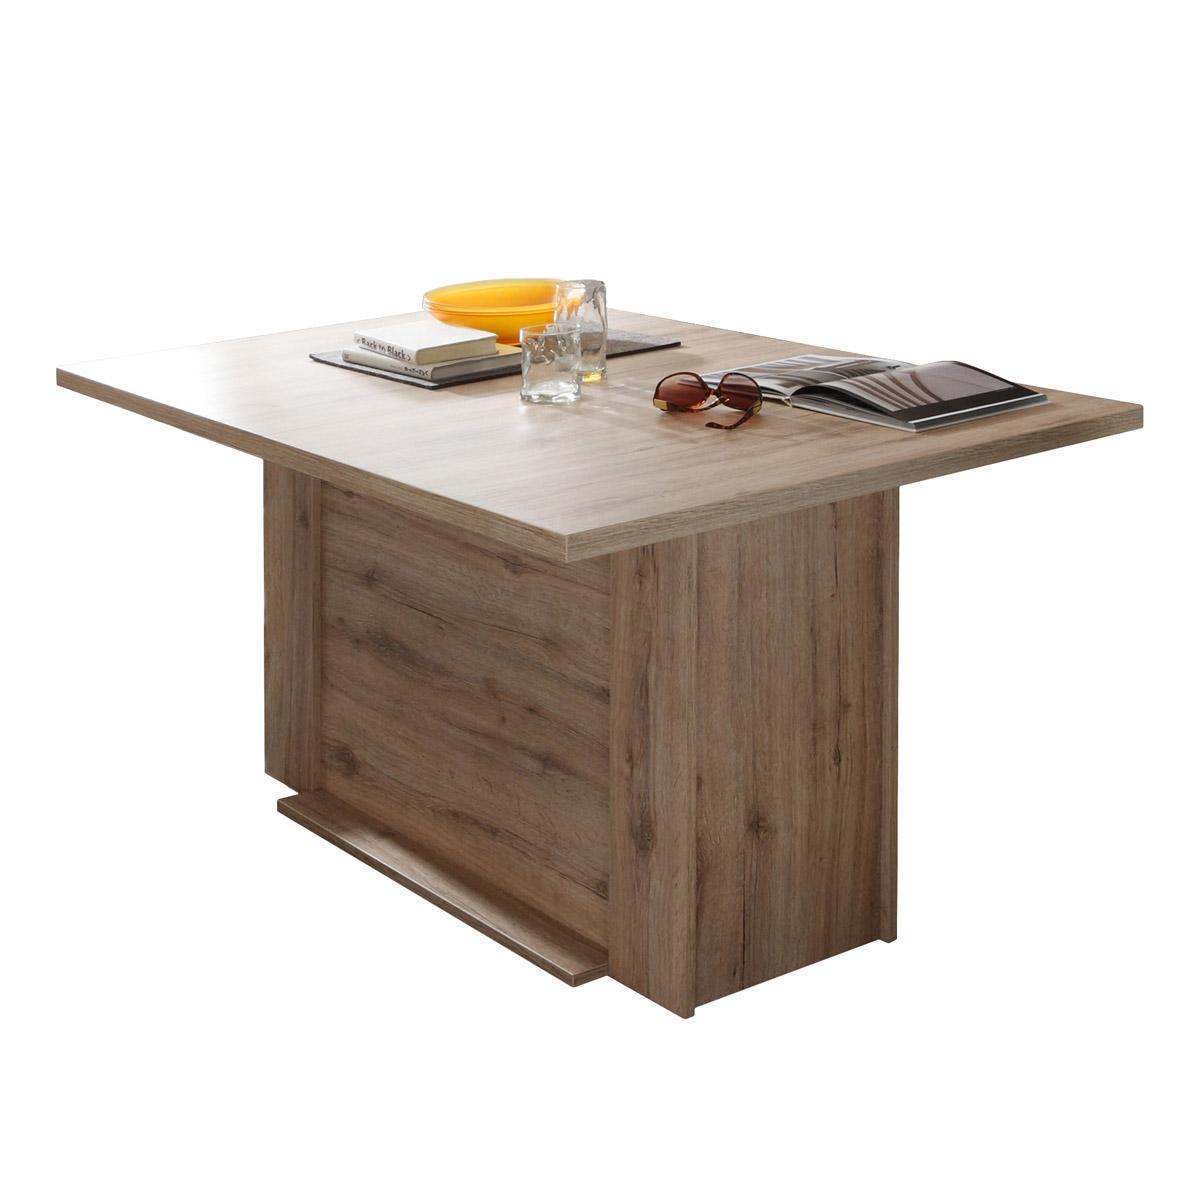 esstisch porto tisch esszimmertisch san remo hell. Black Bedroom Furniture Sets. Home Design Ideas